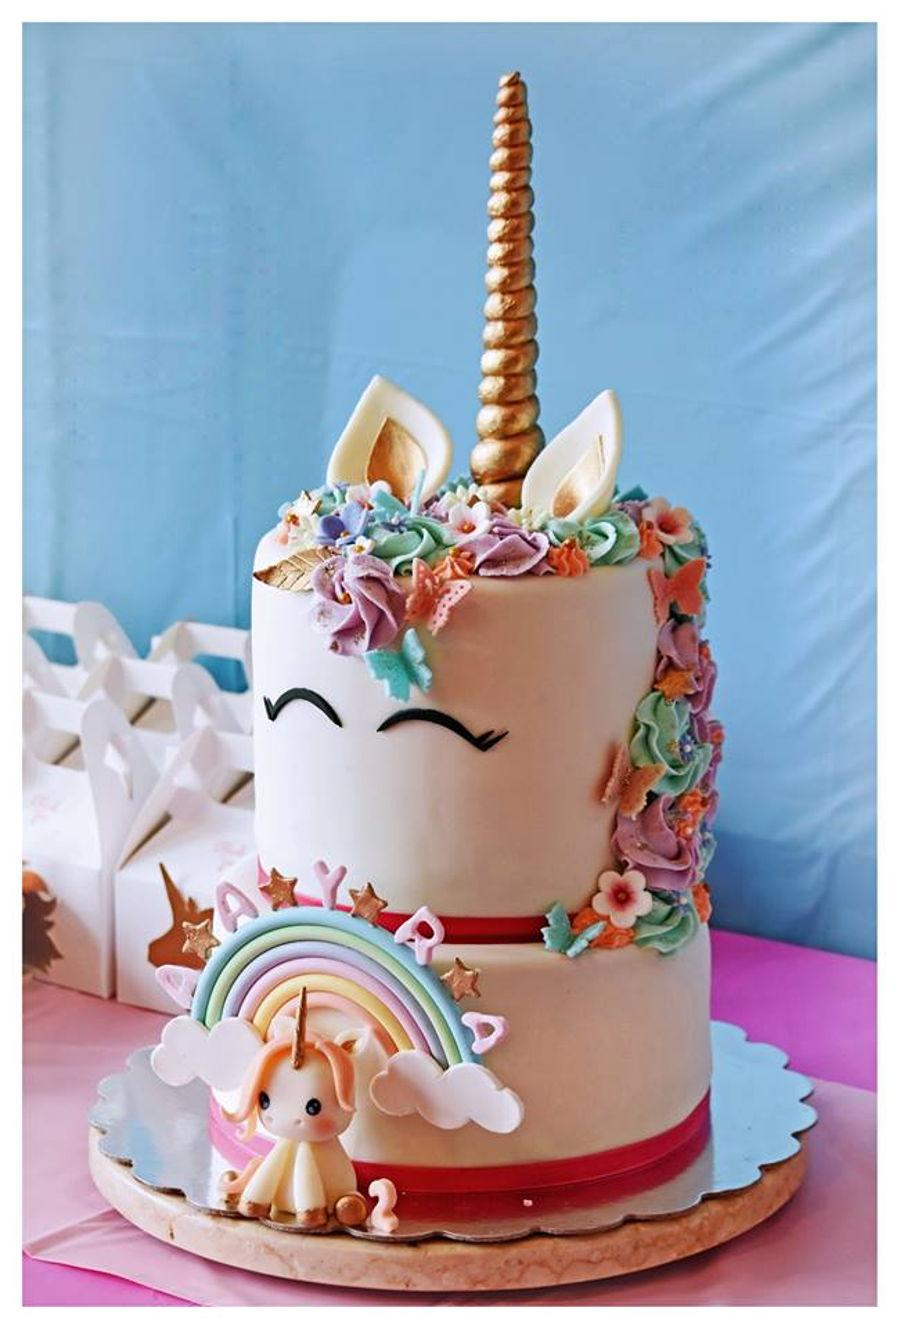 Unicorn Cake On 2Nd Bday